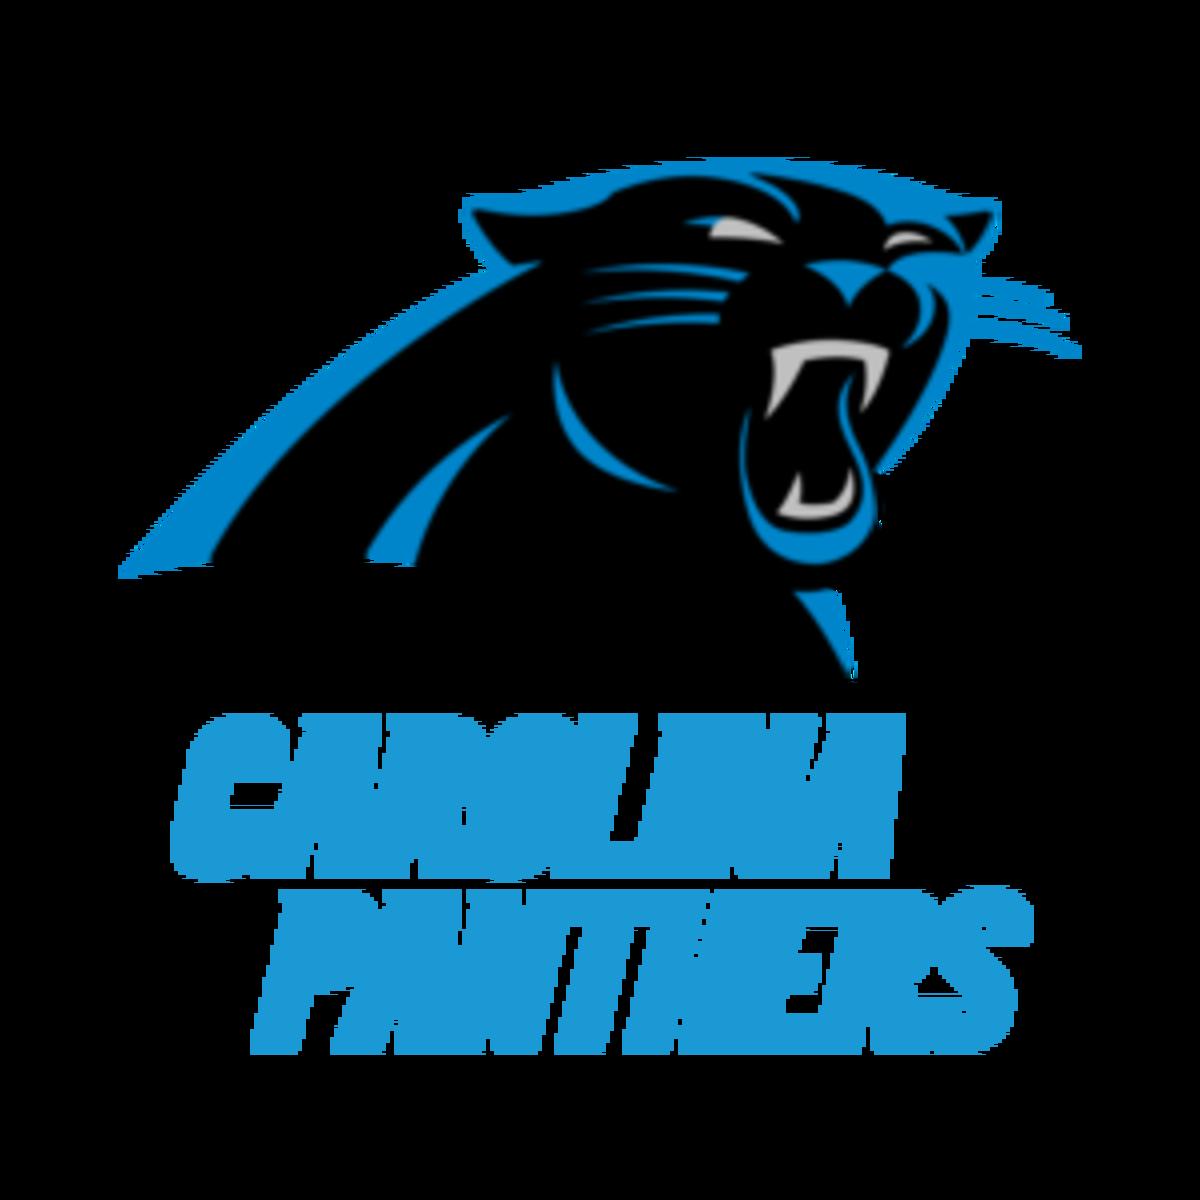 nfl-carolina-panthers-team-logo-300x300